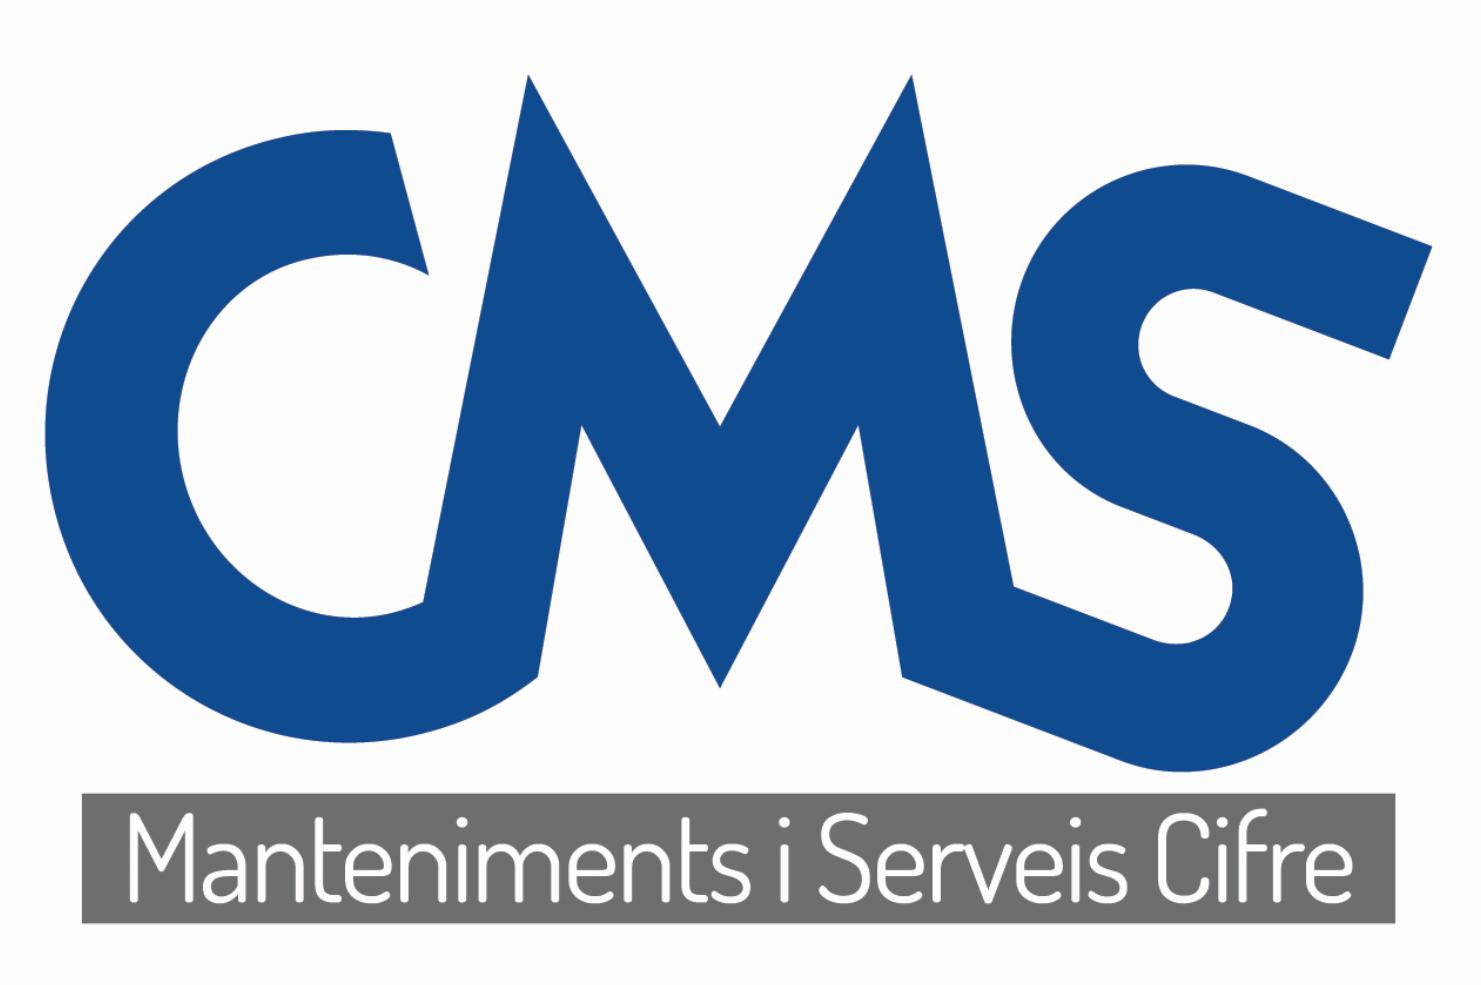 creación logotipo empresa servicios